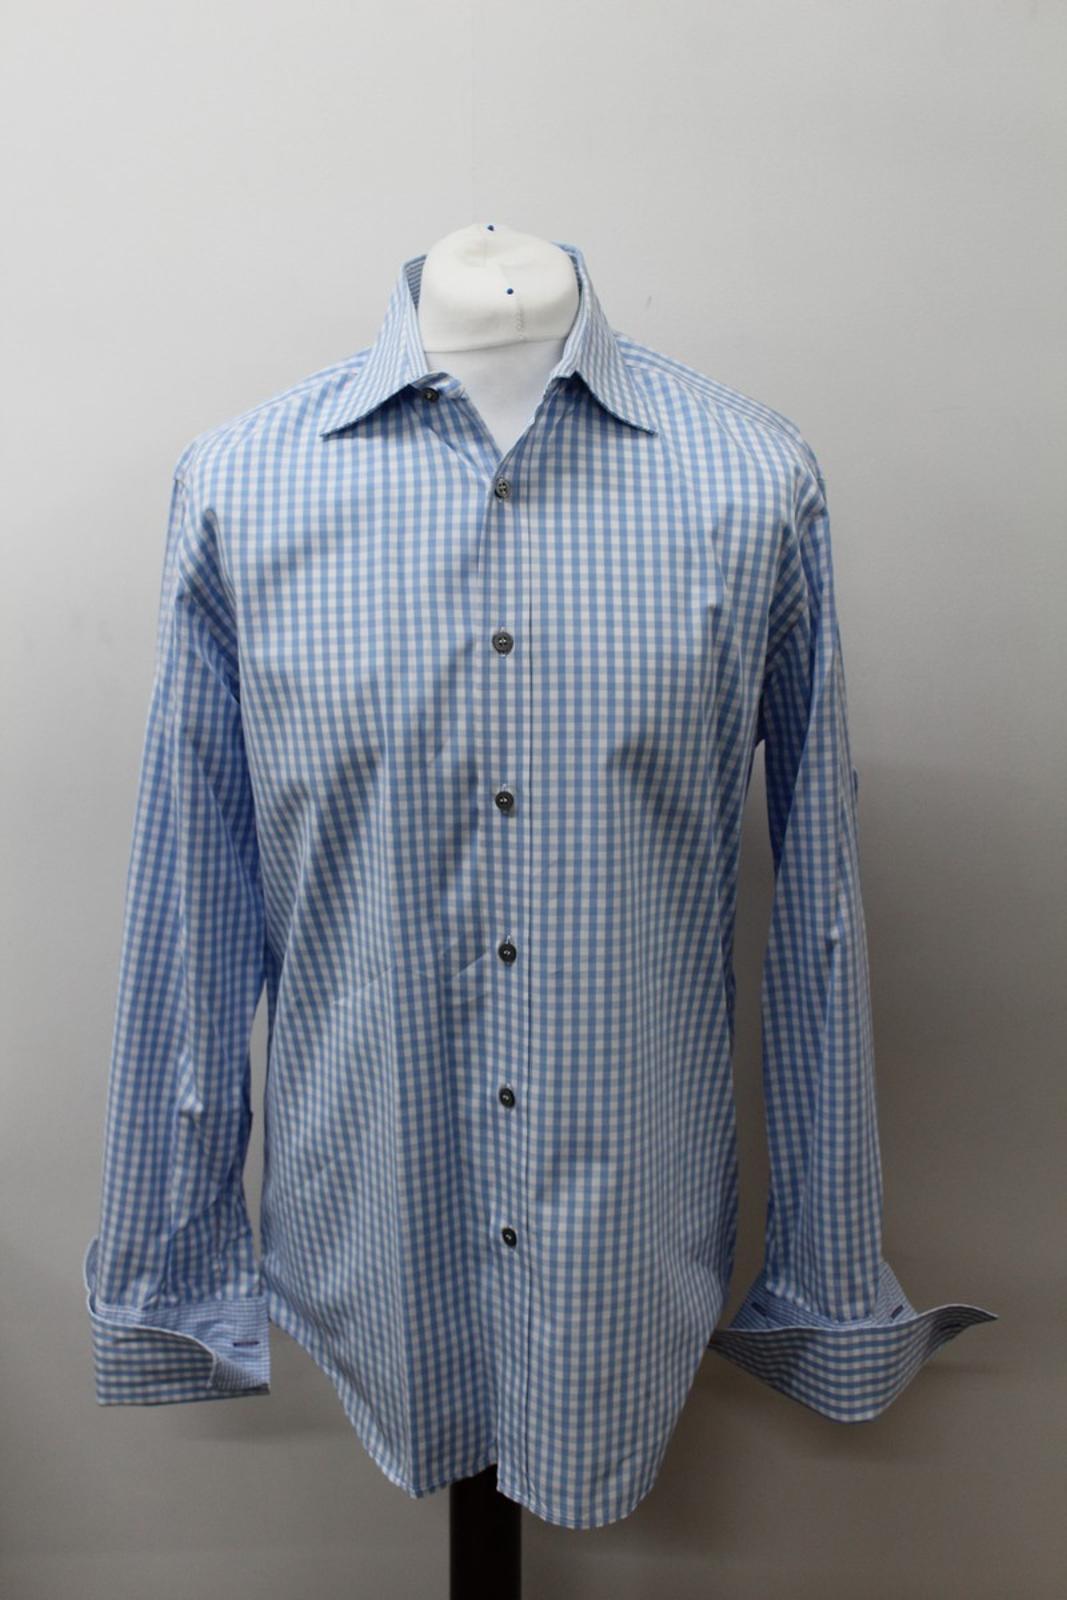 Paul-Smith-Para-Hombre-Camisa-Azul-Blanco-Algodon-comprobado-Formal-Cuello-16-5-034-42cm miniatura 7